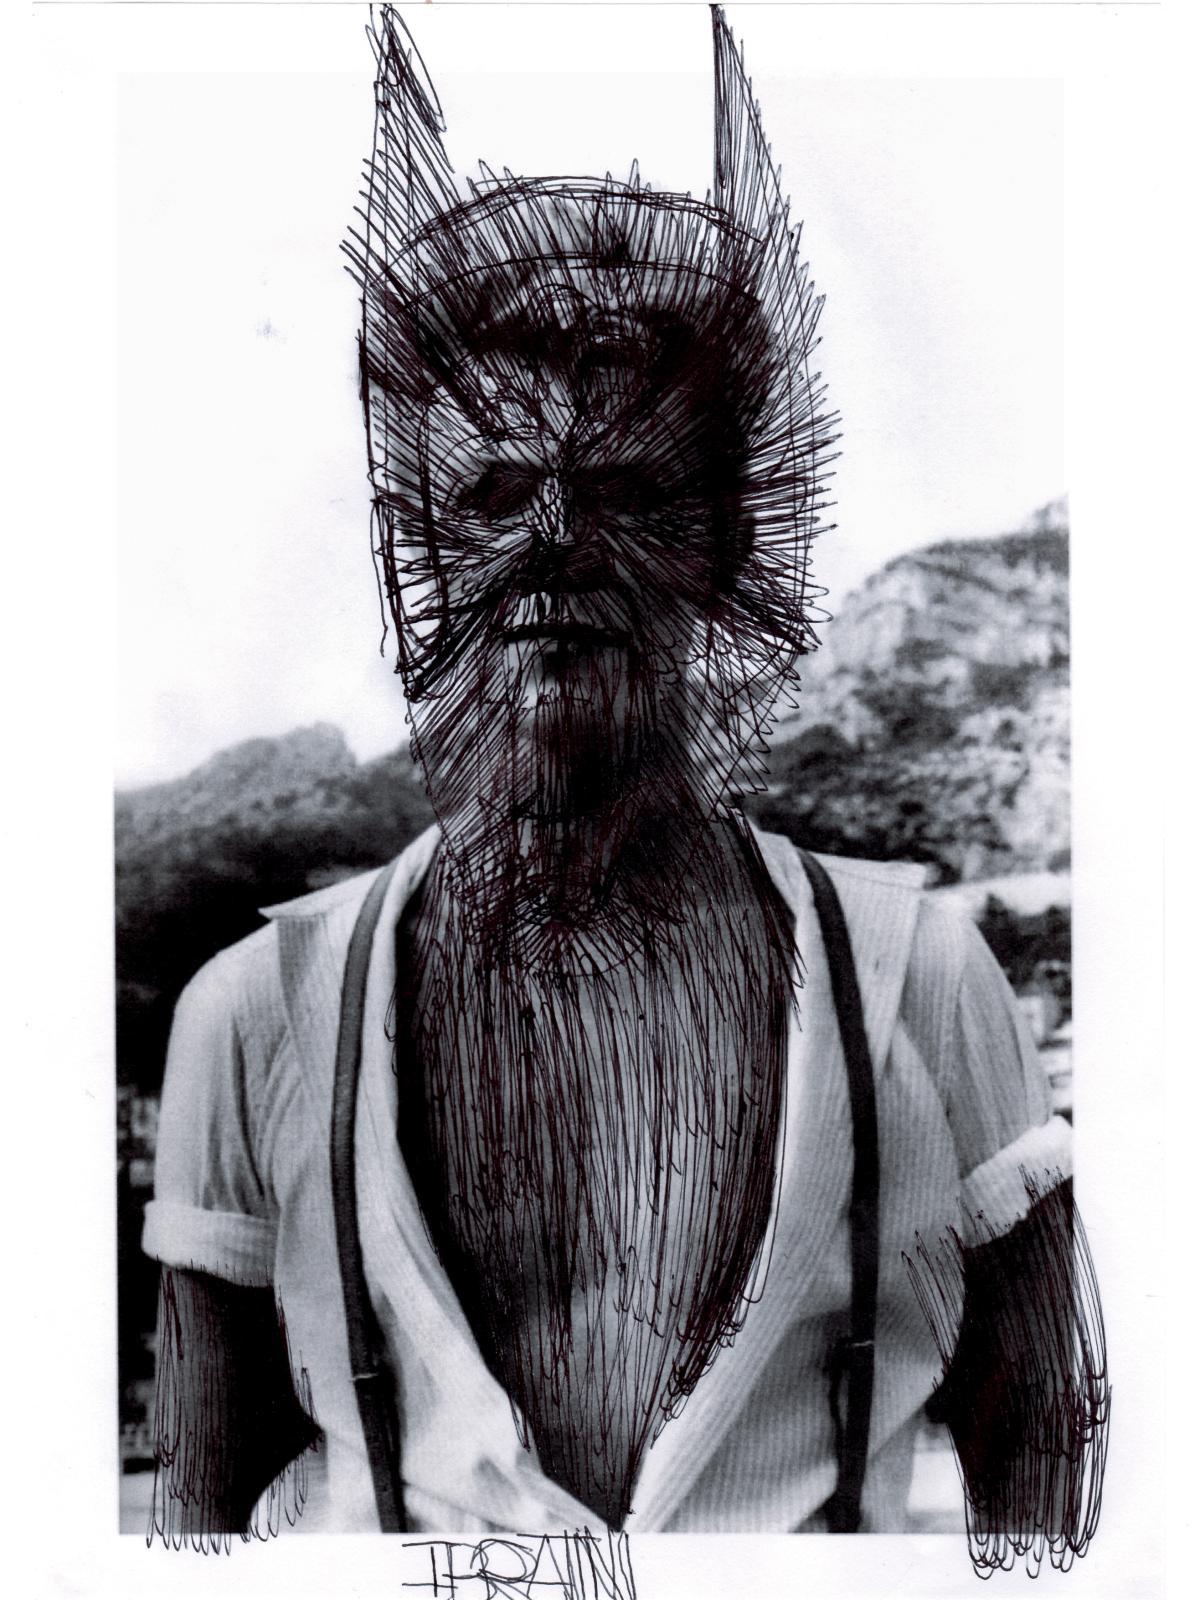 José Manuel Egea (né en 1988), Sans titre, 2016, stylo-bille noir sur impression photographique, 30x21cm. © Courtesy Christian Berst art brut